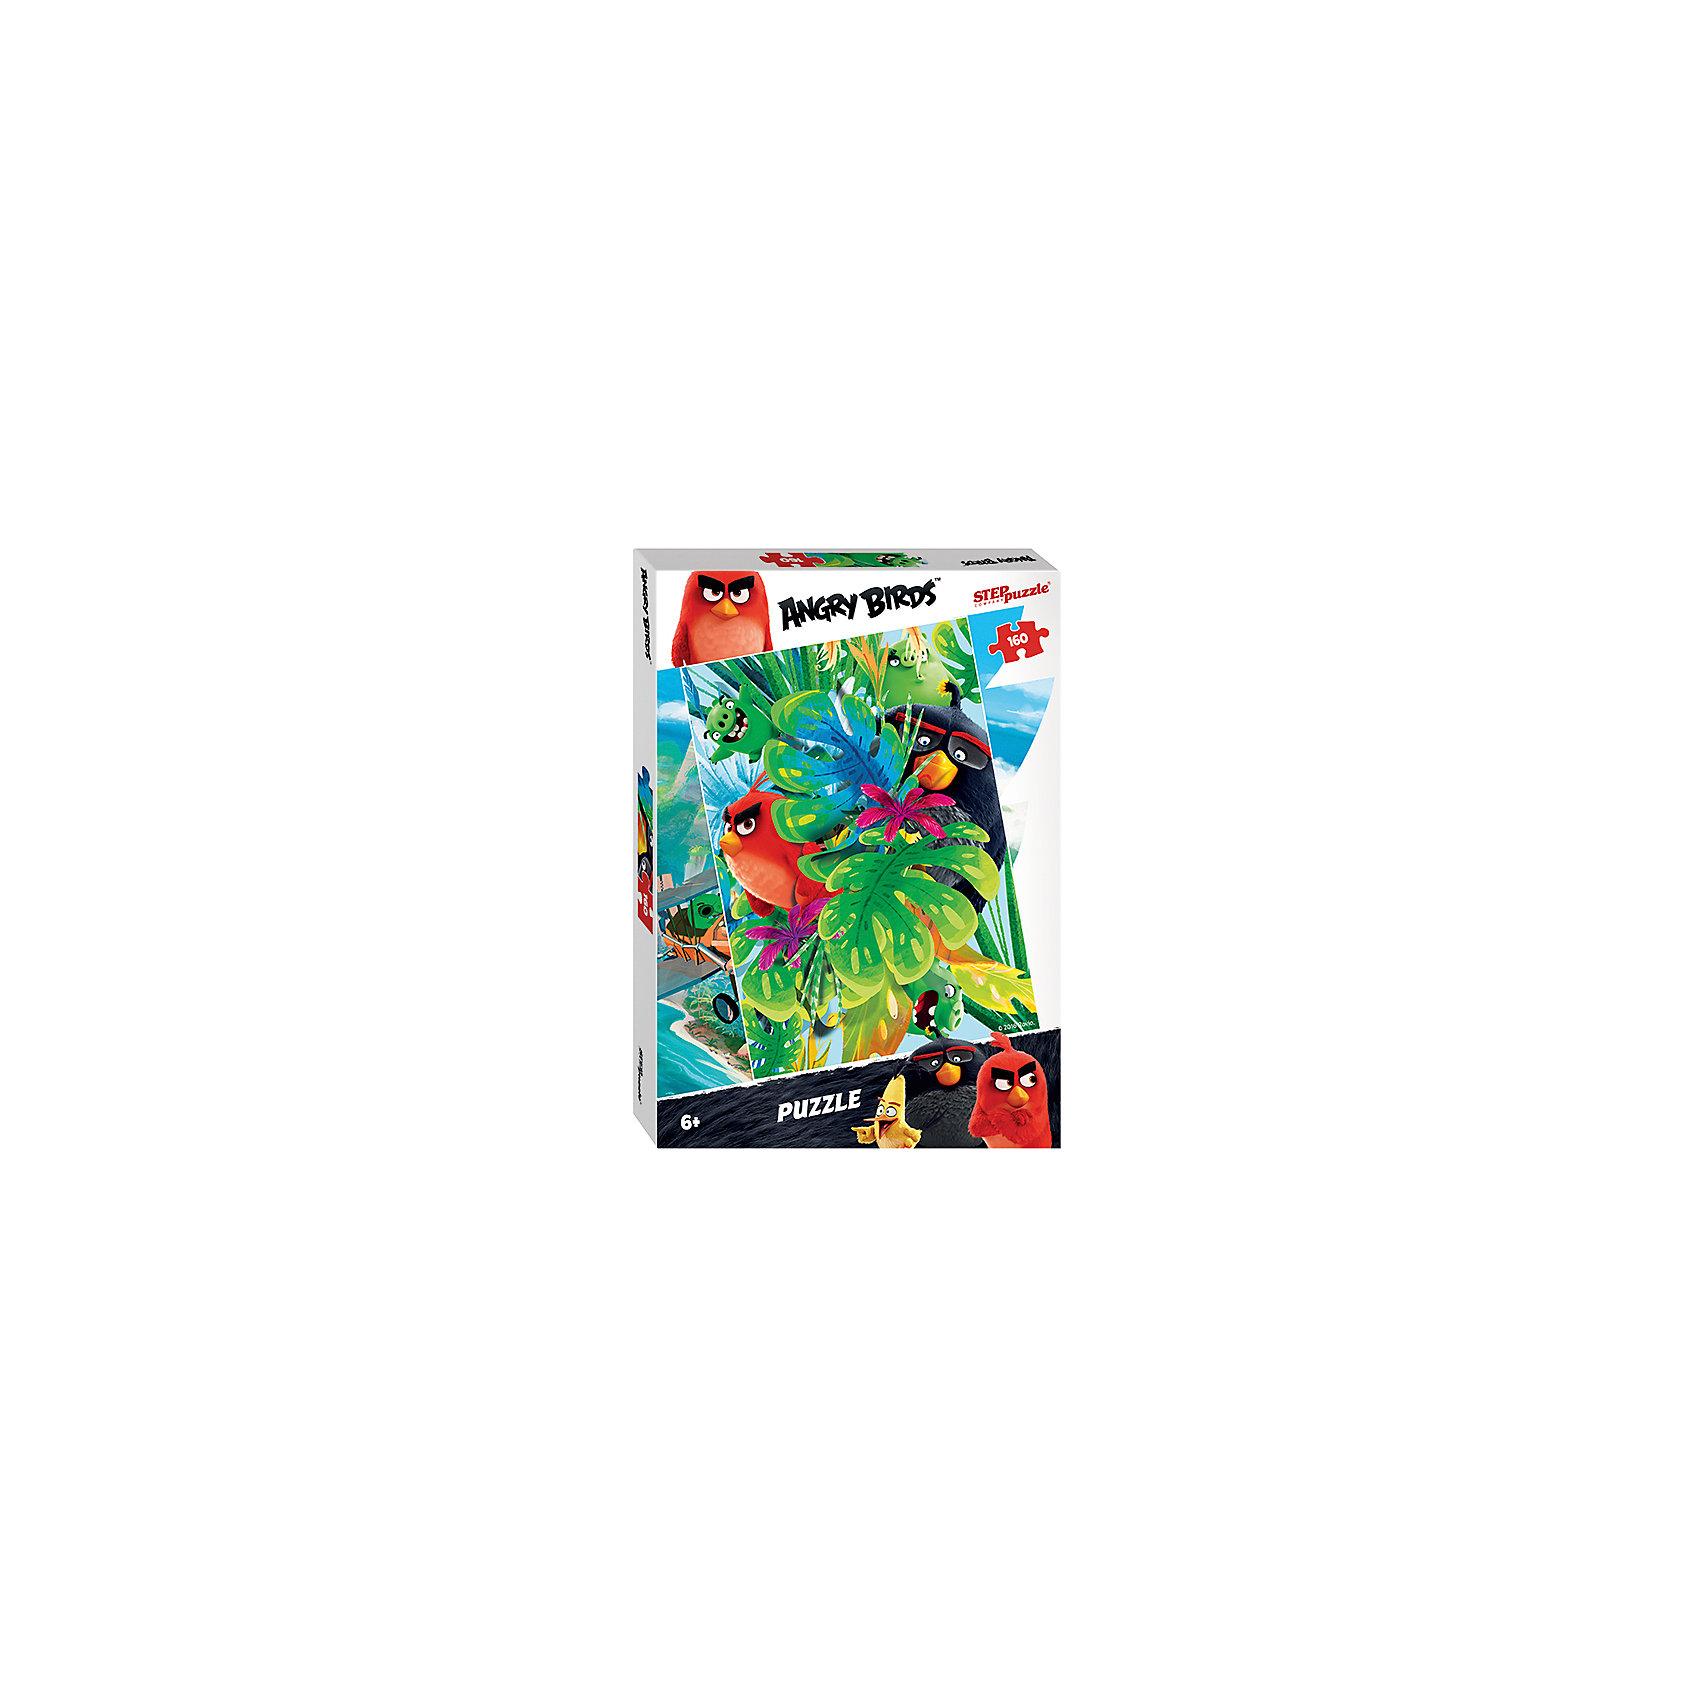 Пазл Angry Birds, 160 деталей, Step PuzzleПазл Angry Birds, 160 деталей, Step Puzzle (Степ Пазл) – это замечательный красочный пазл с изображением любимых героев.<br>Пазл Angry Birds создан по мотивам мультфильма Angry Birds в кино, в котором рассказывается с чего началось противостояние сердитых птичек и зеленых свинок. Подарите ребенку чудесный пазл, и он будет увлеченно подбирать детали, пока не составит яркую и интересную картинку, на которой сердитые птички и вредные свинки прячутся за широкими листьями. Сборка пазла Angry Birds от Step Puzzle (Степ Пазл) подарит Вашему ребенку множество увлекательных вечеров и принесет пользу для развития. Координация, моторика, внимательность легко тренируются, пока ребенок увлеченно собирает пазл. Детали пазла хорошо проклеены, идеально сцепляются друг с другом, не расслаиваются.<br><br>Дополнительная информация:<br><br>- Количество деталей: 160<br>- Размер собранной картинки: 34,5х24 см.<br>- Материал: высококачественный картон<br>- Упаковка: картонная коробка<br>- Размер упаковки: 28x19,5x3,3 см.<br>- Вес: 156 гр.<br><br>Пазл Angry Birds, 160 деталей, Step Puzzle (Степ Пазл) можно купить в нашем интернет-магазине.<br><br>Ширина мм: 280<br>Глубина мм: 195<br>Высота мм: 40<br>Вес г: 230<br>Возраст от месяцев: 72<br>Возраст до месяцев: 144<br>Пол: Унисекс<br>Возраст: Детский<br>Количество деталей: 160<br>SKU: 4769316